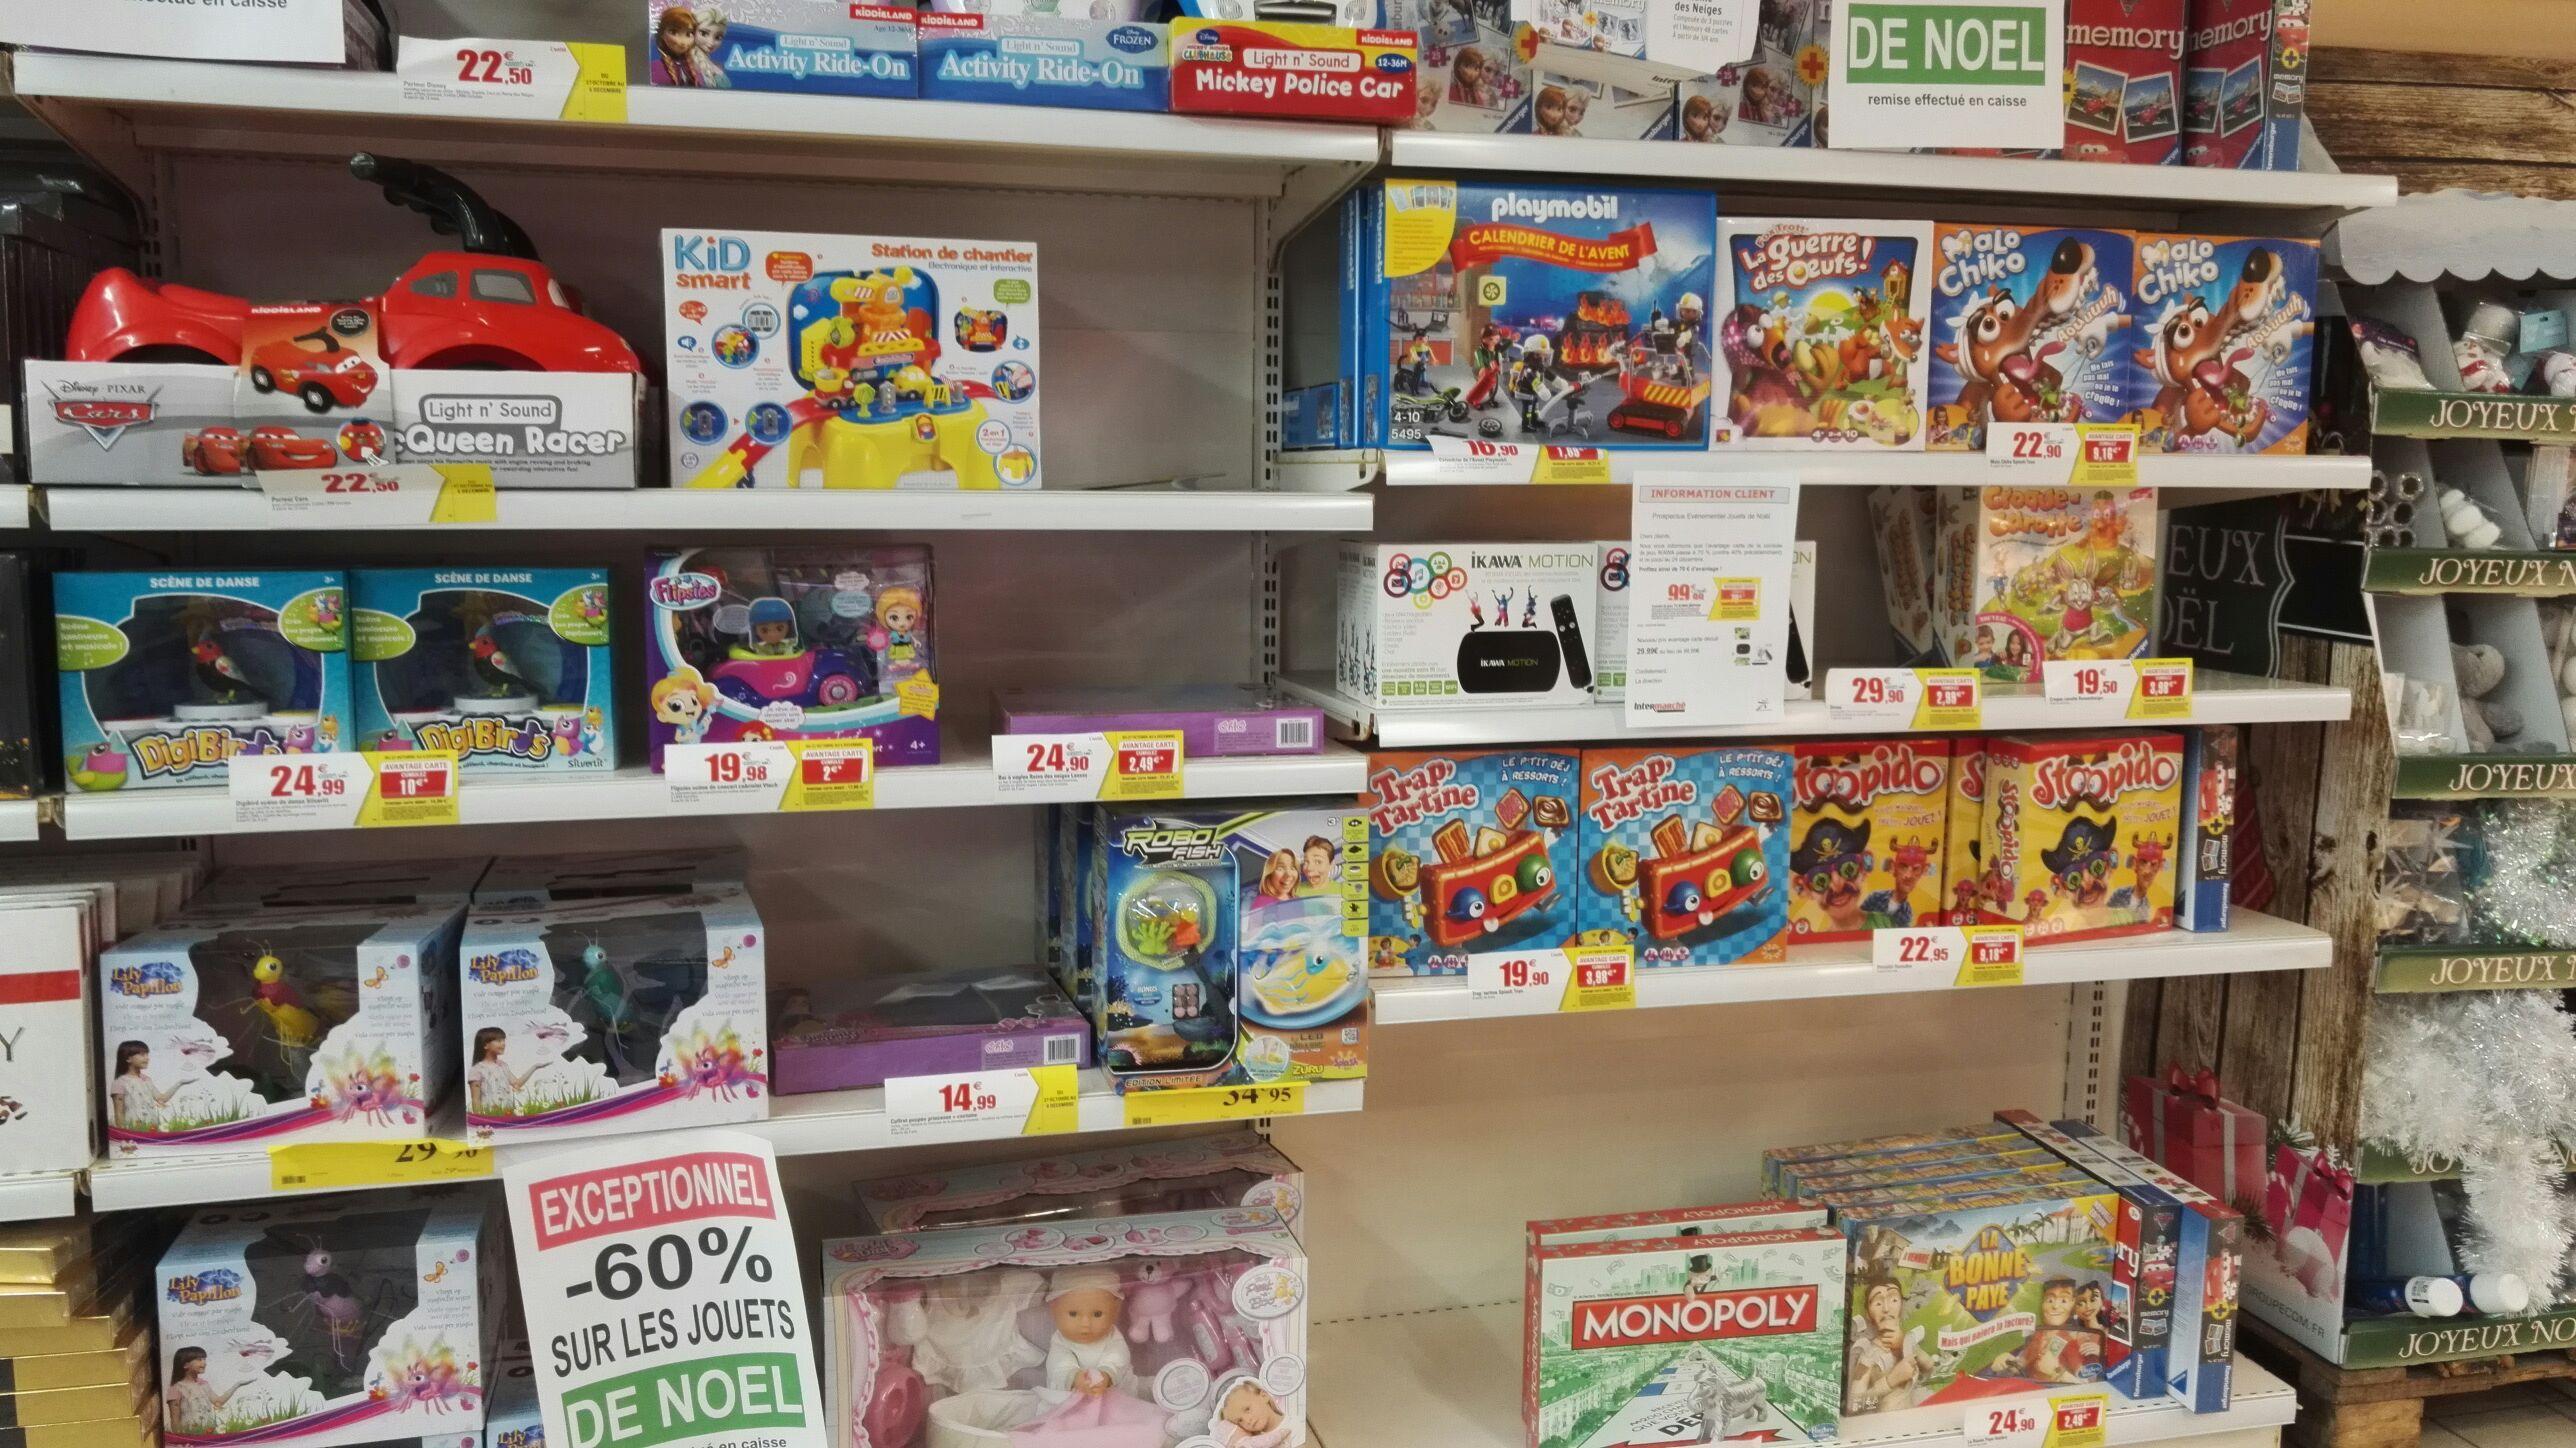 60% de réduction sur les jouets de Noël - Ex : Digibirds Scène de Danse (avec remise et avantage carte 10€) revient à 0€